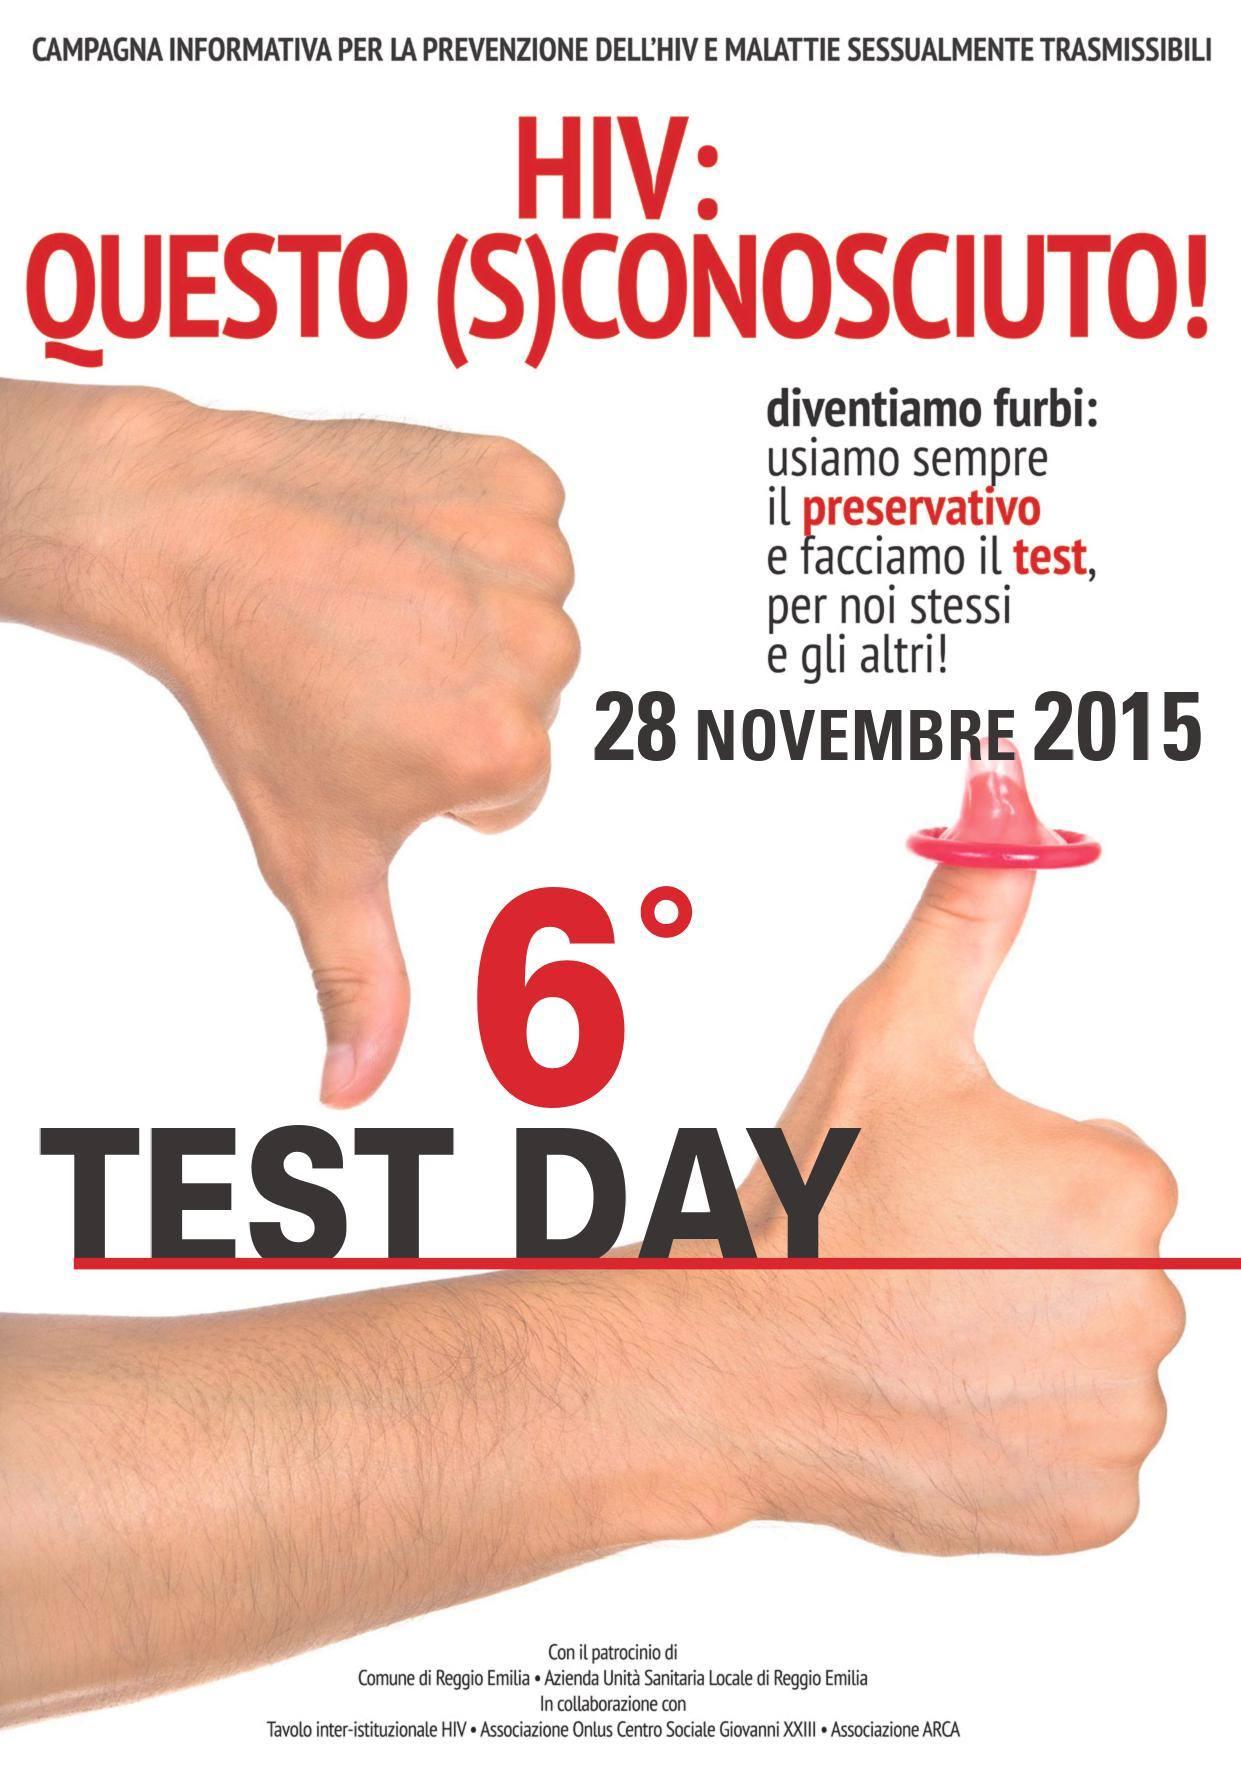 HIV, questo sconosciuto  –  6° Test day